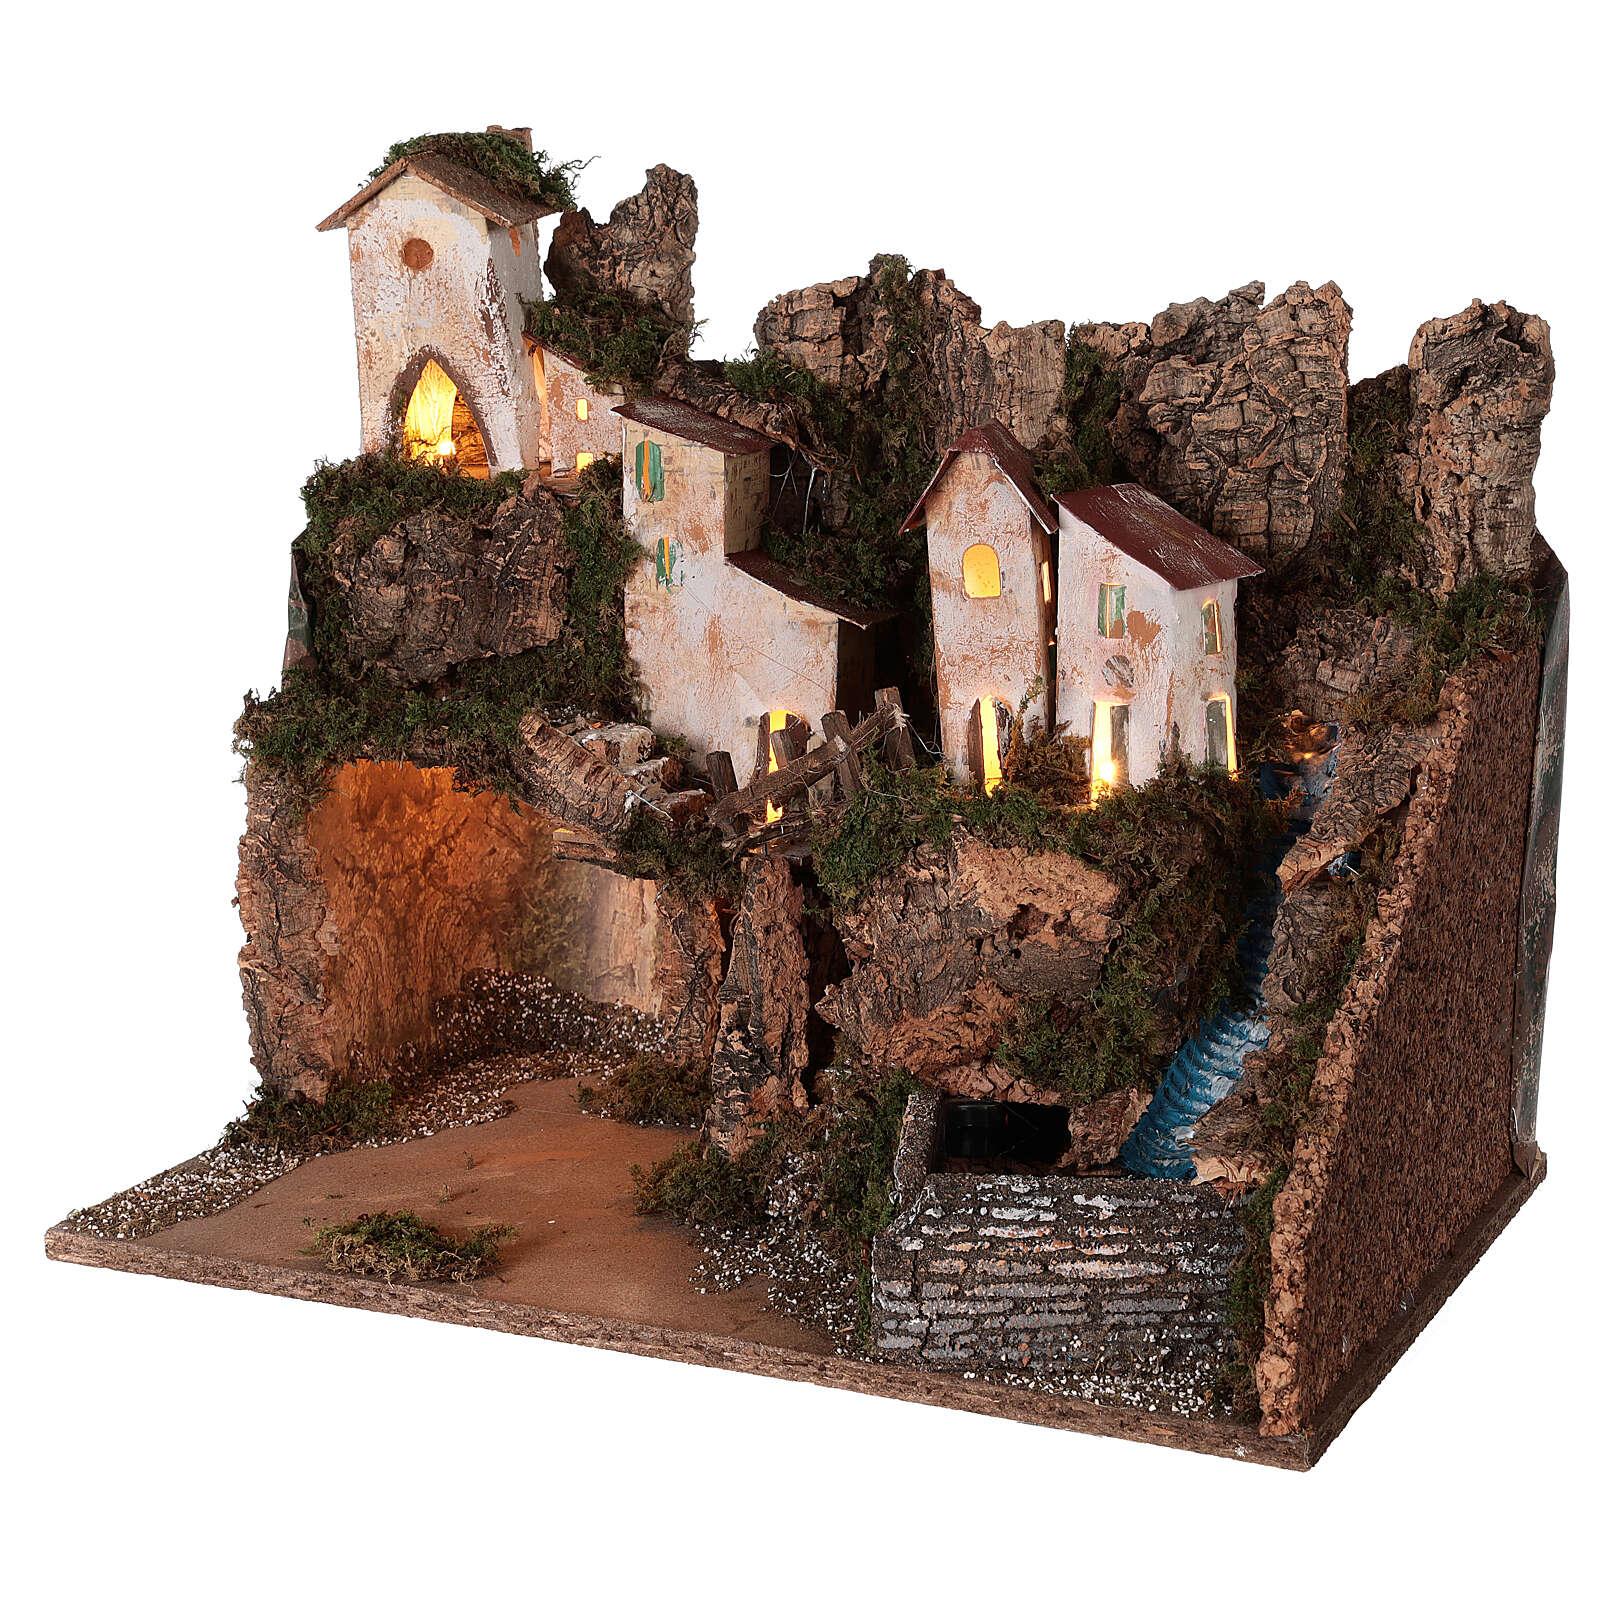 Décor crèche village de montagne grotte chute eau 40x45x30 cm pour santons 12 cm 4